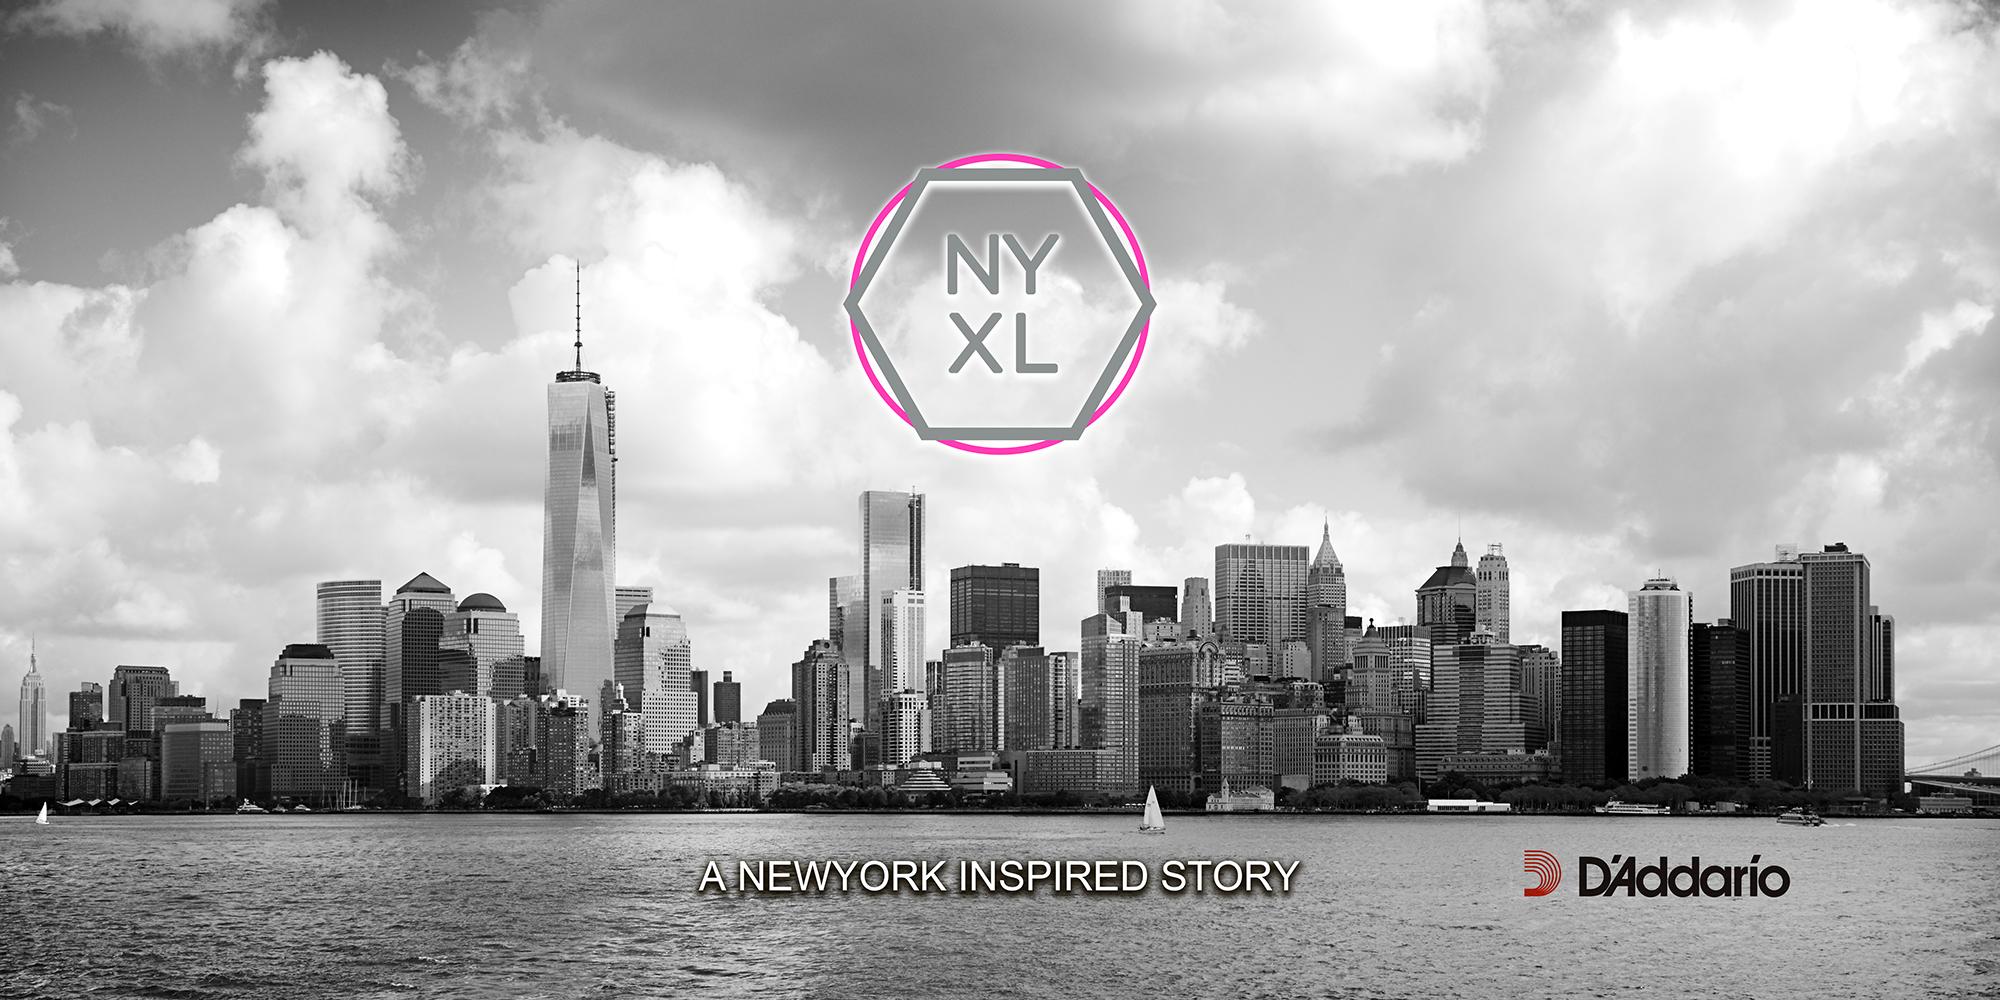 nyxl_image01